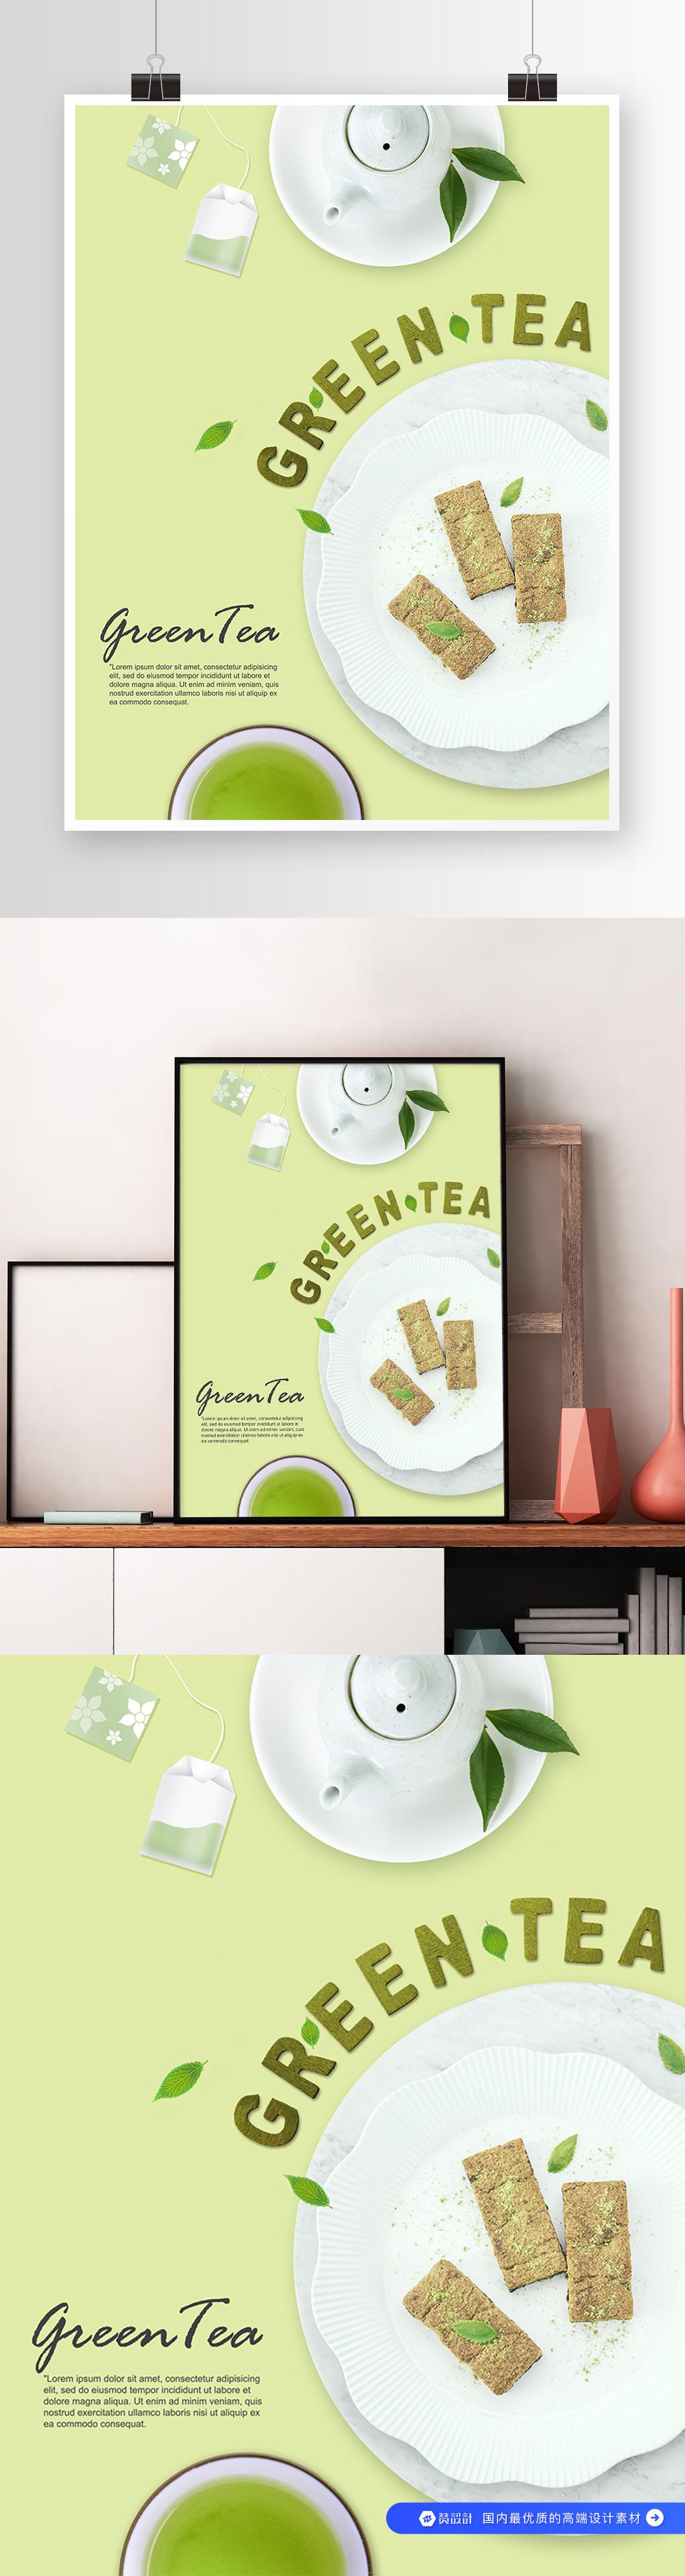 夏季冷饮绿茶甜品蛋糕奶茶店宣传海报设计素材 (1)